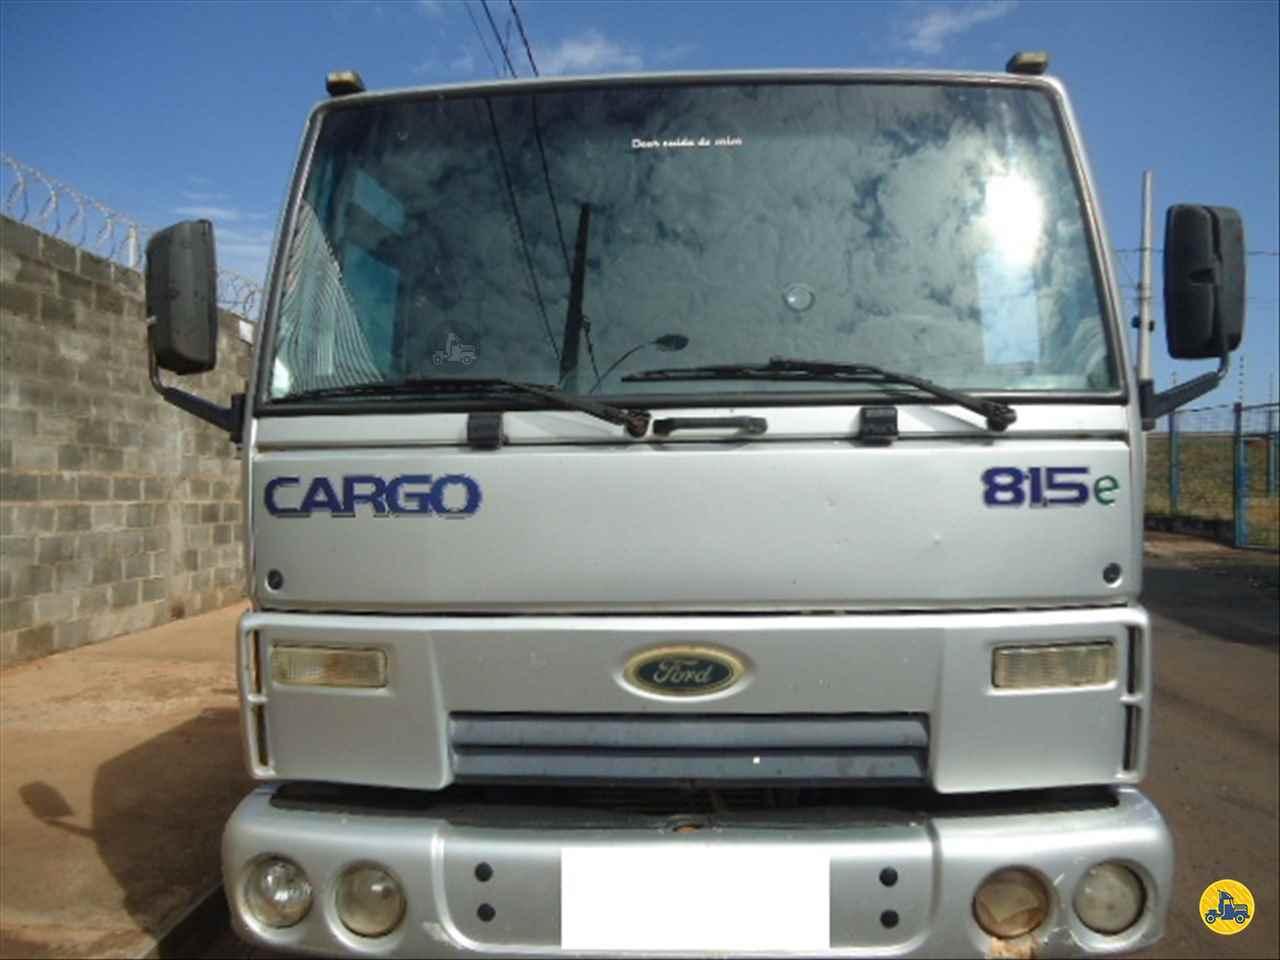 CAMINHAO FORD CARGO 815 Graneleiro 3/4 4x2 RB Caminhões & Financiamentos ARAGUARI MINAS GERAIS MG